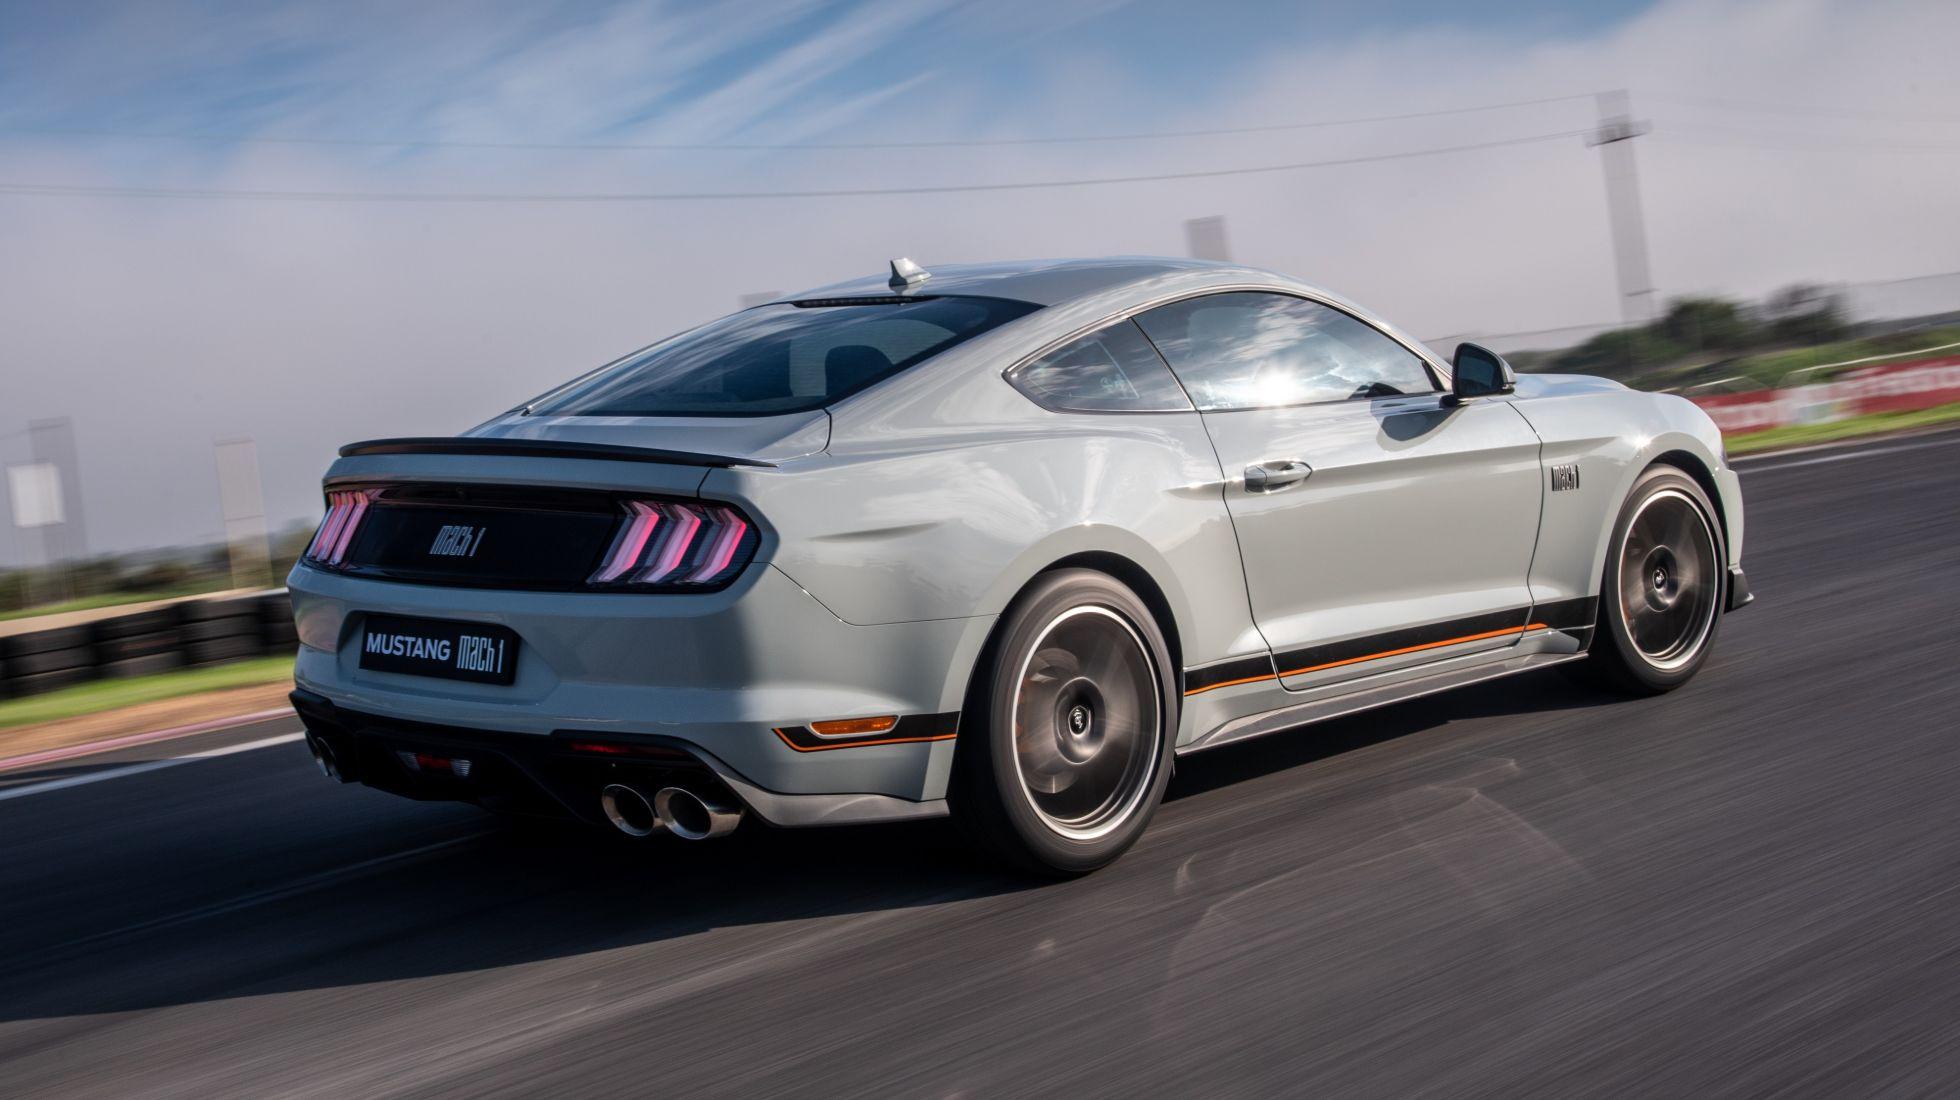 DRIVEN: Mustang Mach 1 5.0 V8 10AT